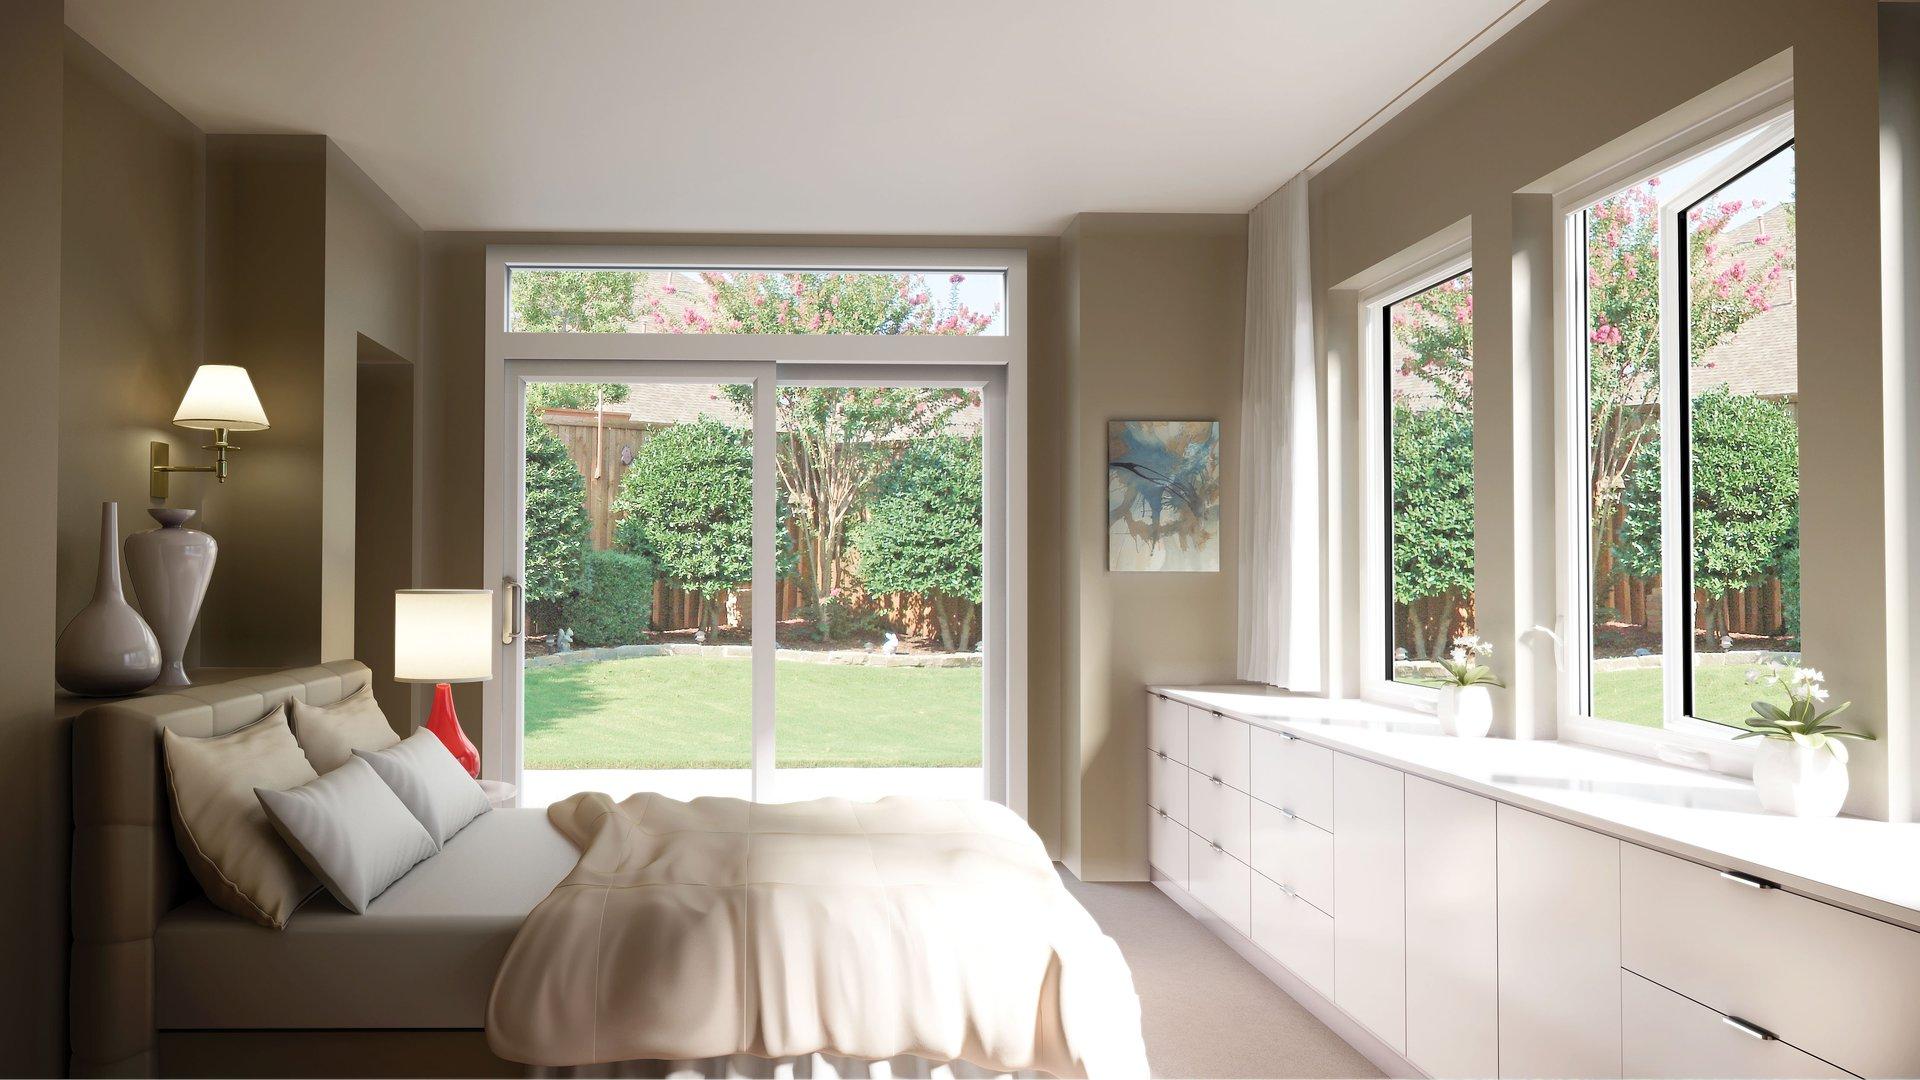 Clarkston Window & Door image 5